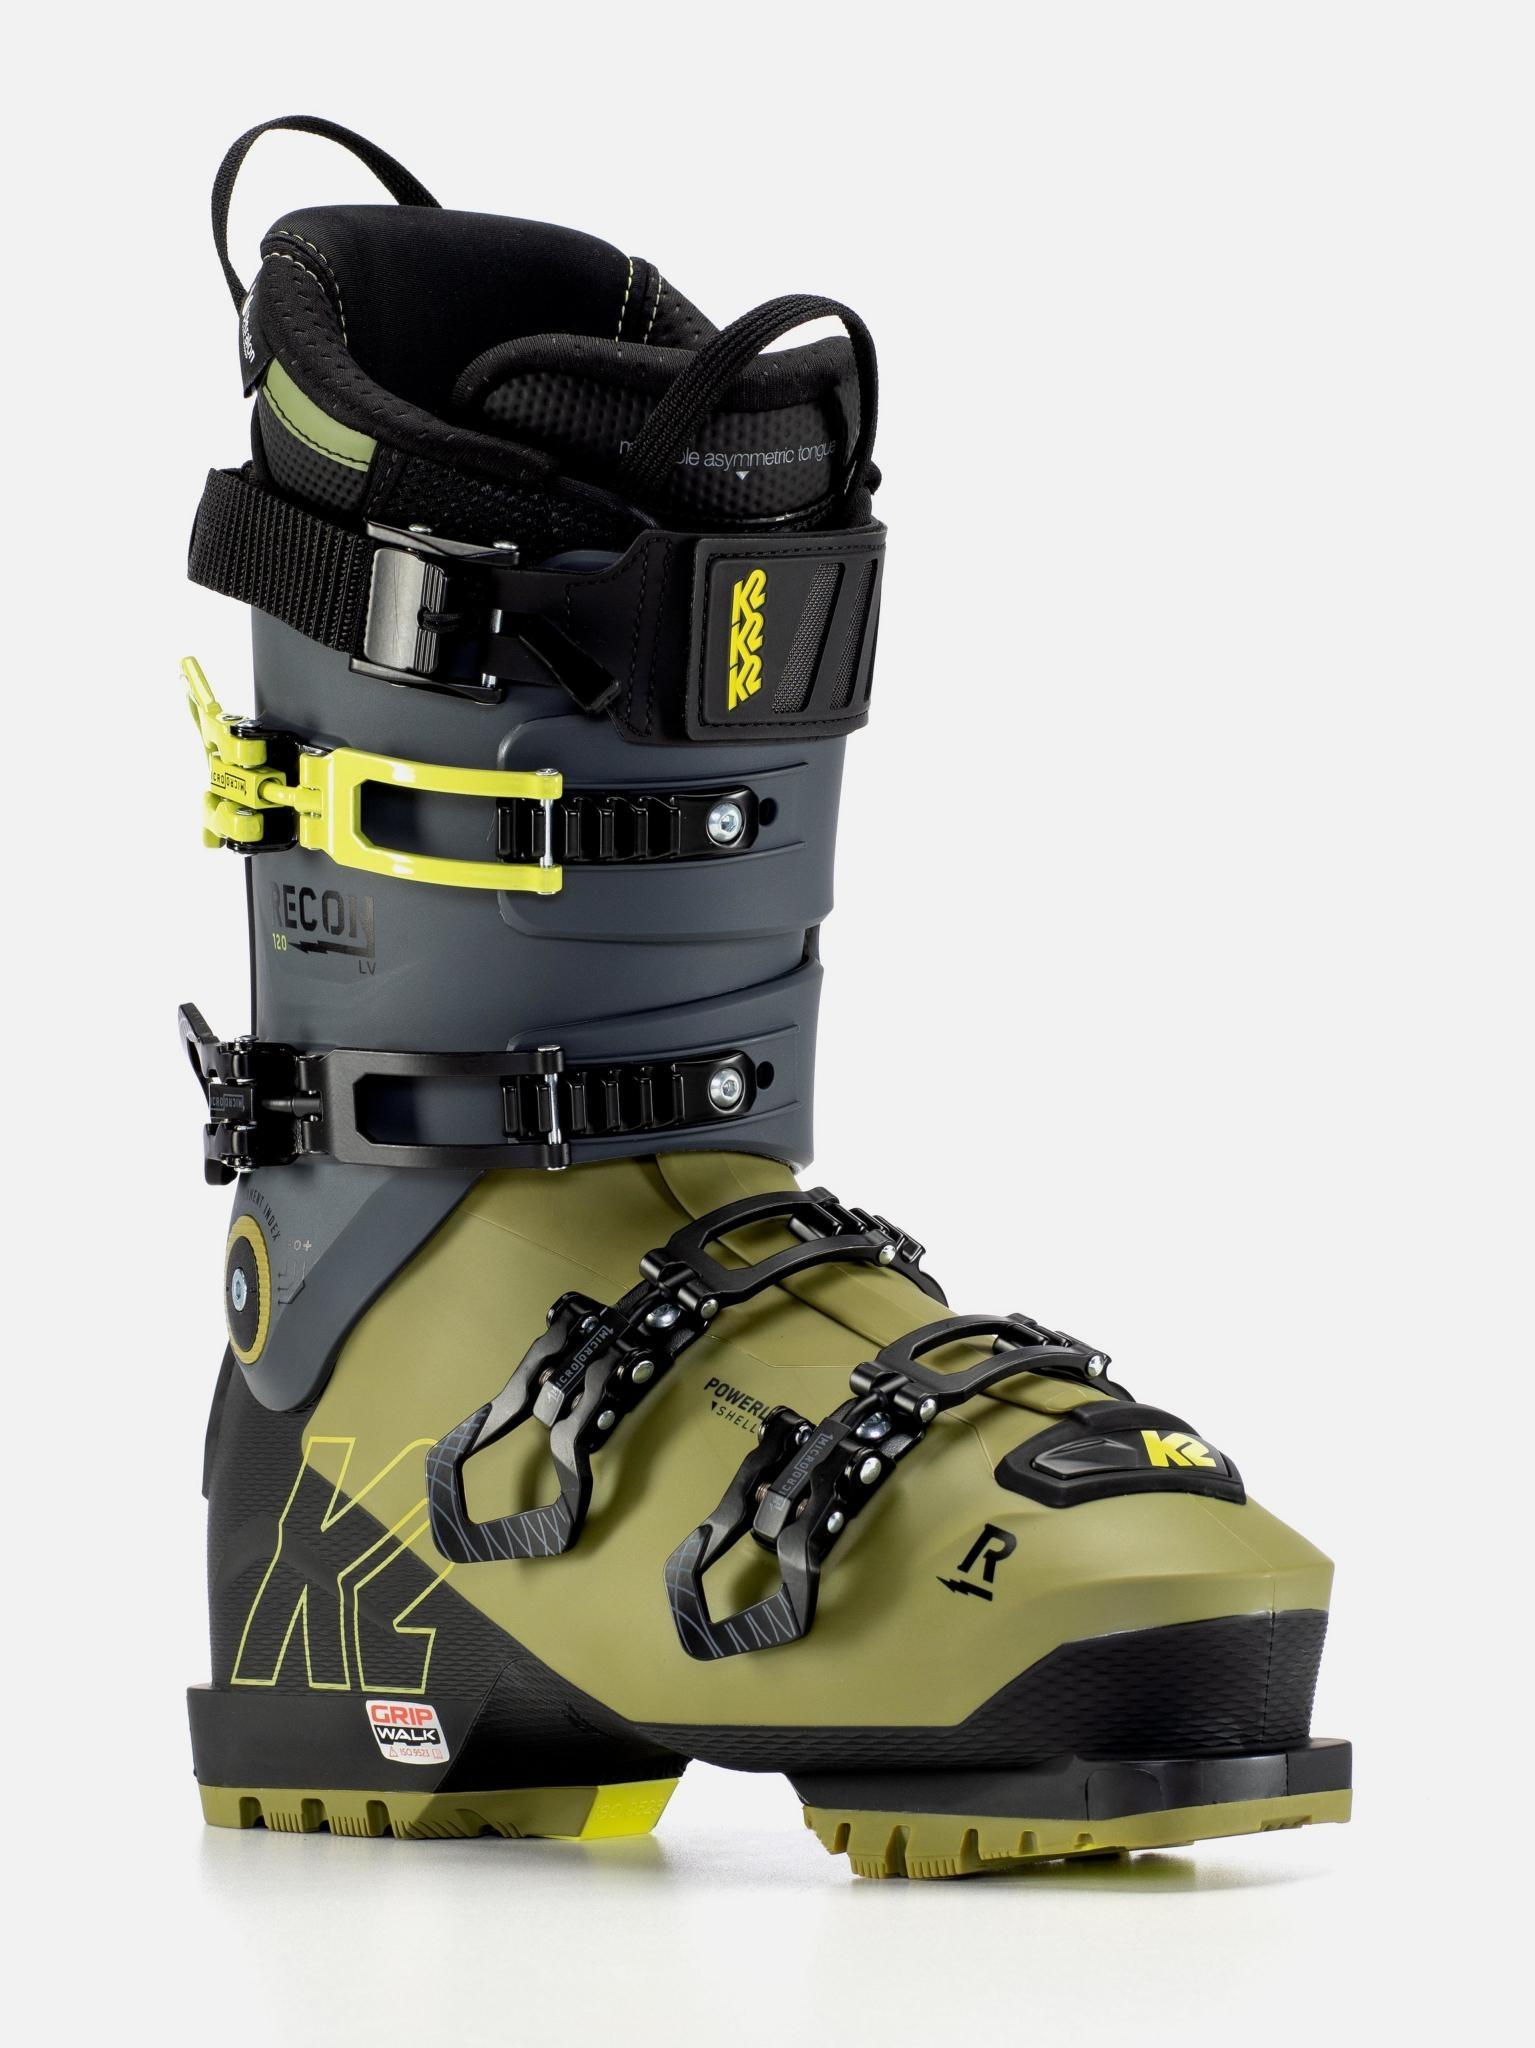 K2 Ski K2 M's Recon 120 MV GW Ski Boot